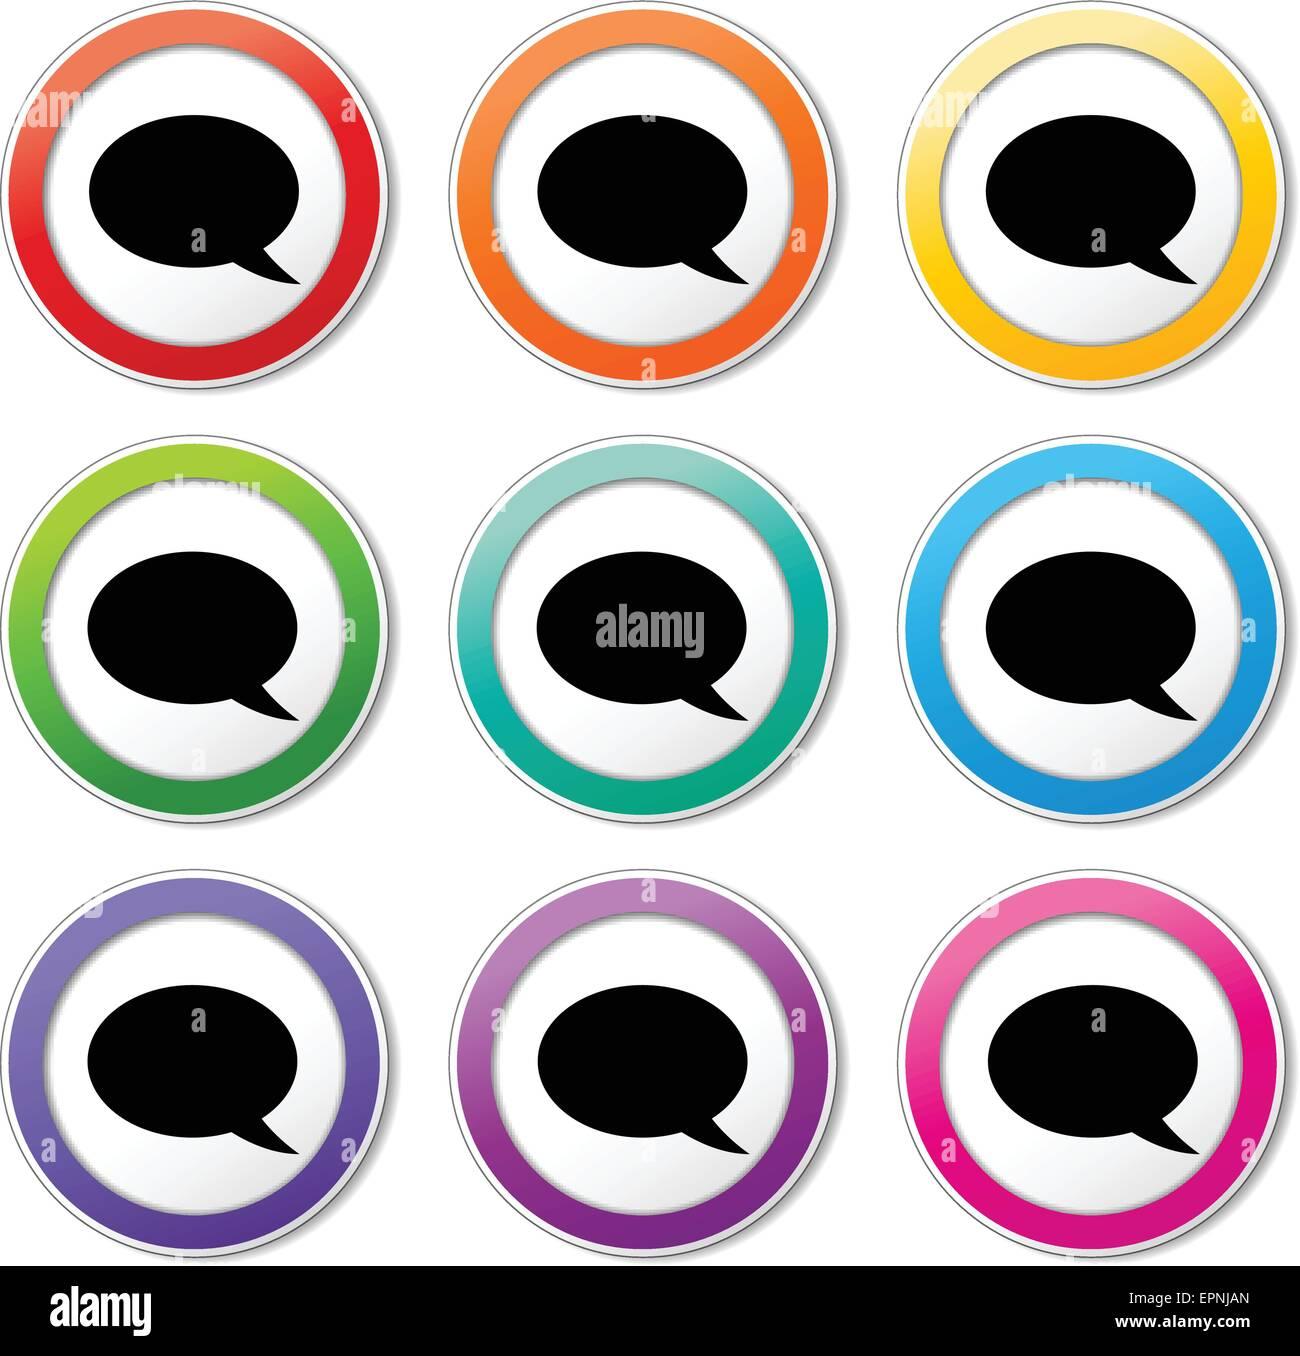 Ilustración de distintos colores de burbujas de voz iconos Imagen De Stock